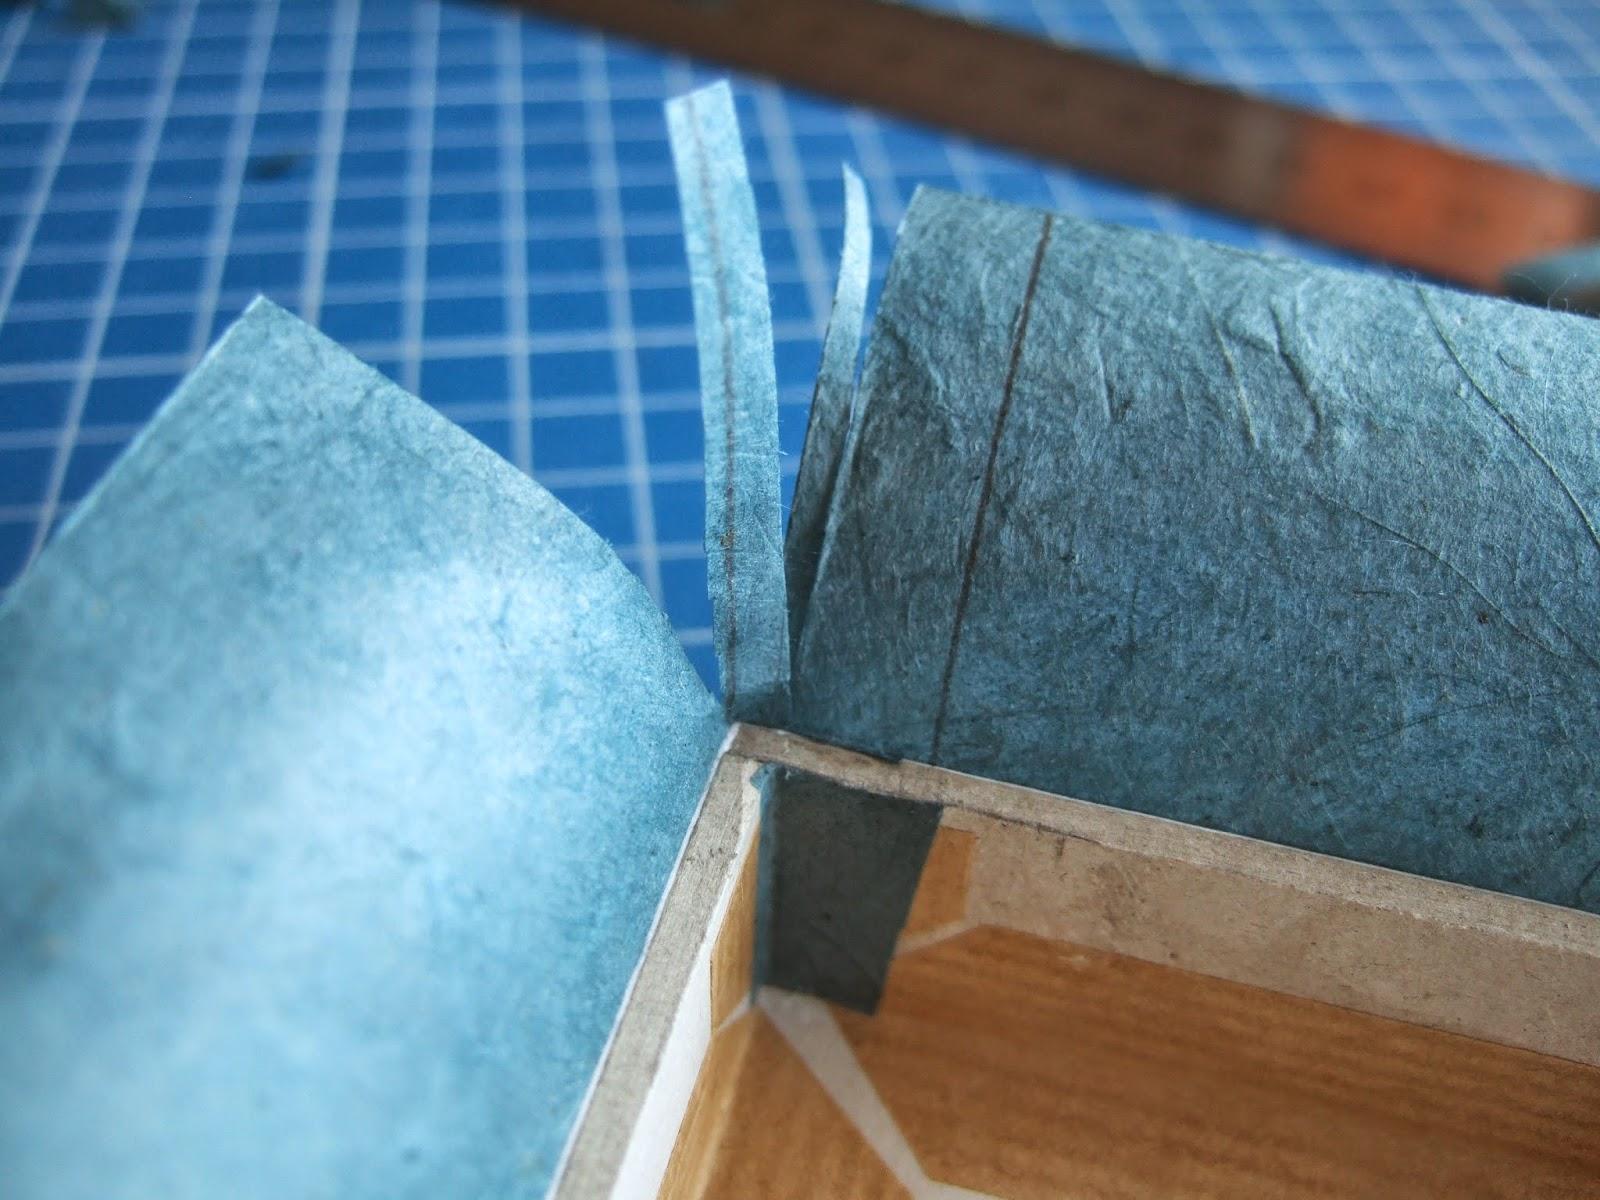 Au fil de belz pha 2 me cartonnage myst re 2 me tape - Couper papier peint sans dechirer ...